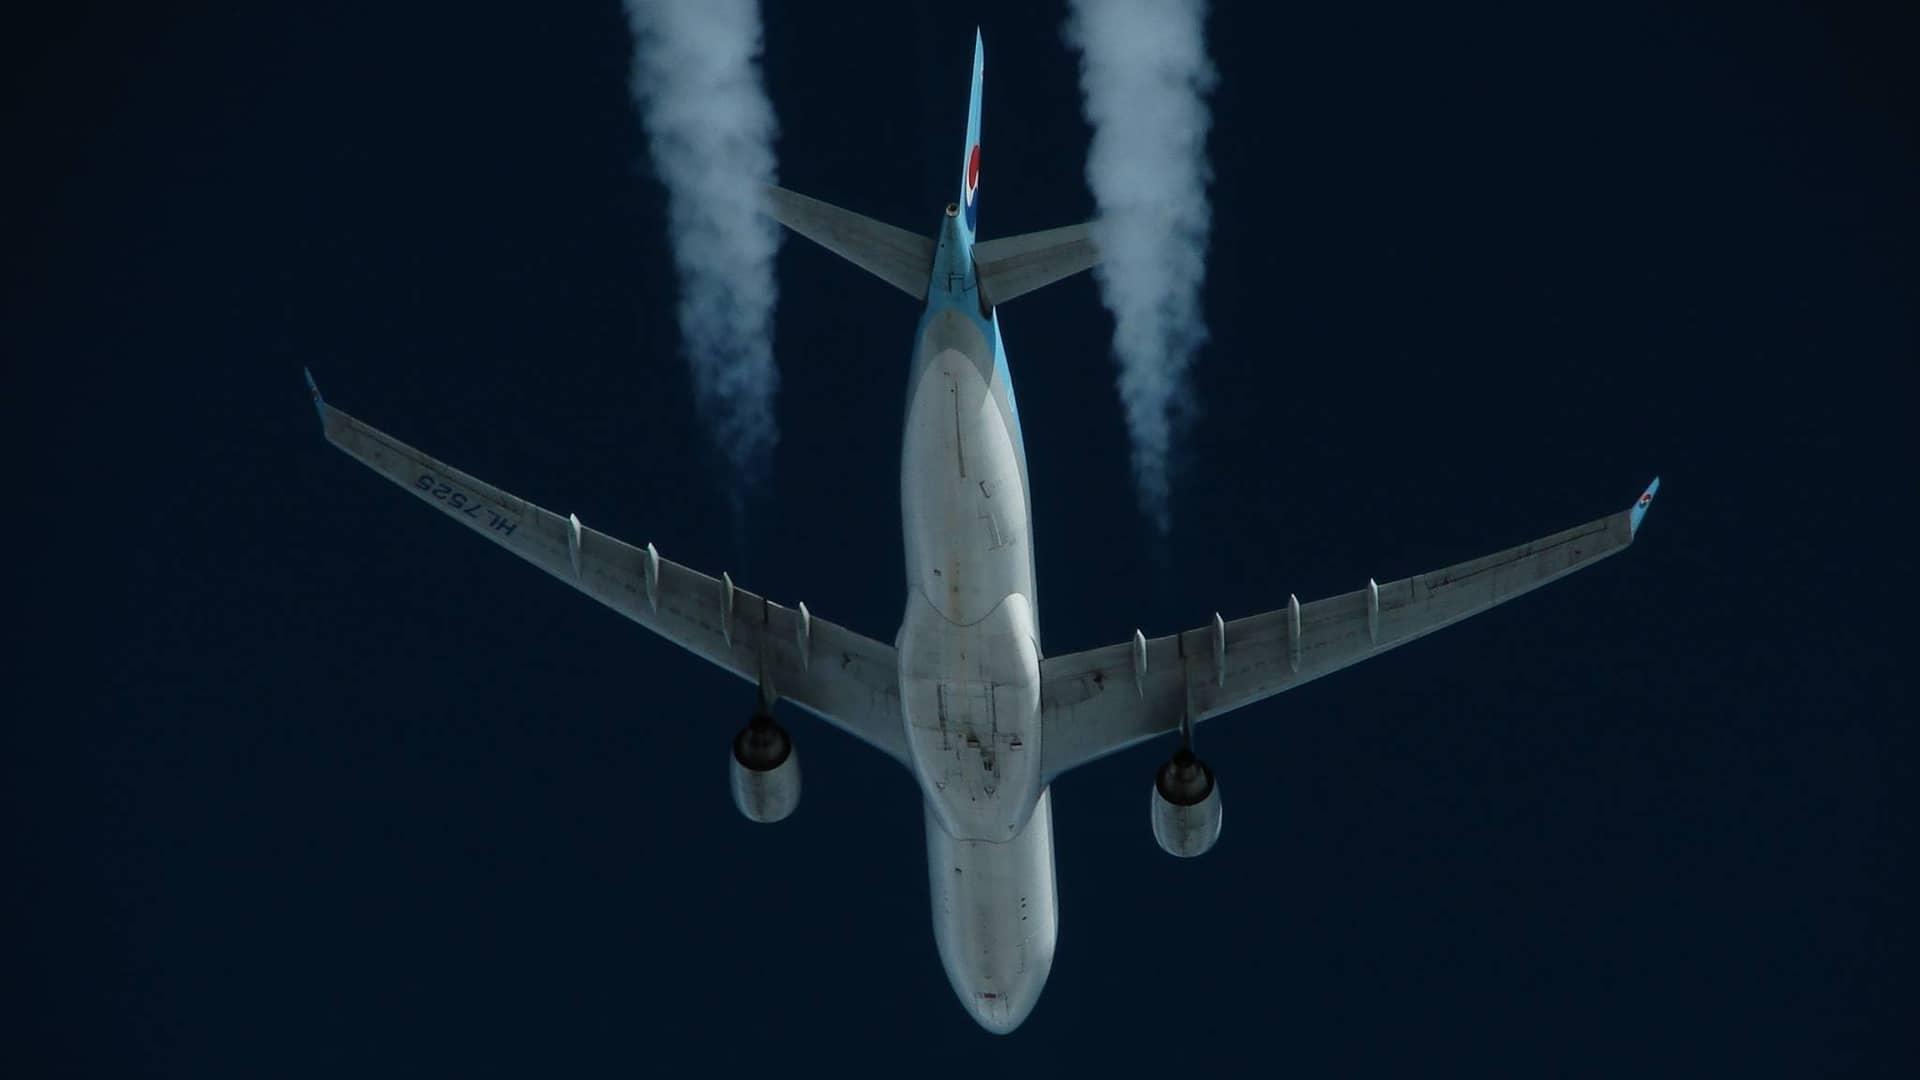 A330 at sky